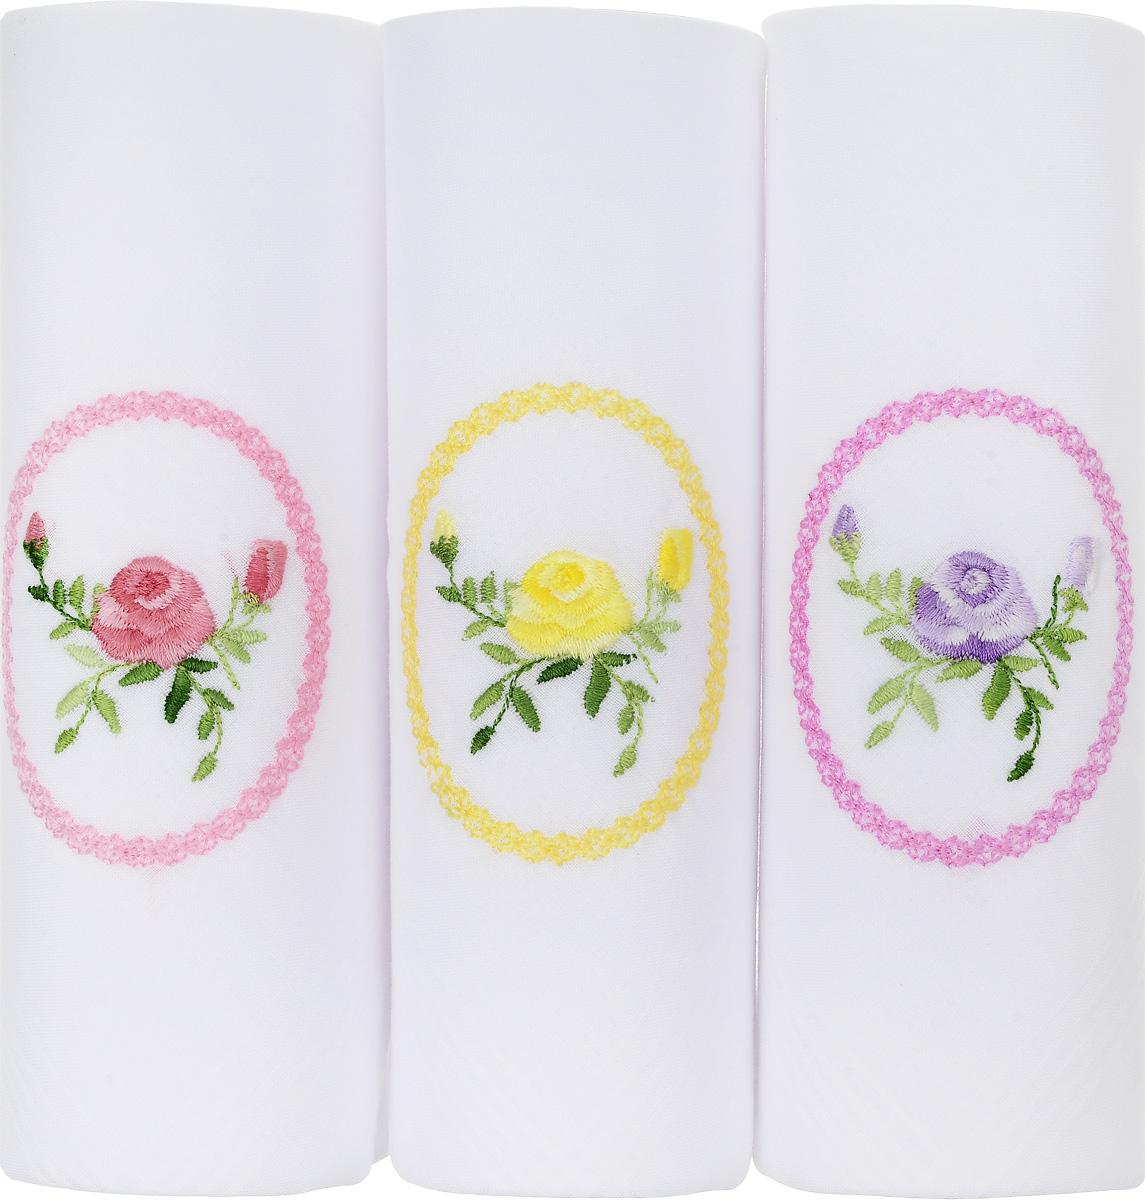 Платок носовой женский Zlata Korunka, цвет: белый, 3 шт. 06601-8. Размер 30 см х 30 смК 10_розовый, шампань, белыйНебольшой женский носовой платок Zlata Korunka изготовлен из высококачественного натурального хлопка, благодаря чему приятен в использовании, хорошо стирается, не садится и отлично впитывает влагу. Практичный и изящный носовой платок будет незаменим в повседневной жизни любого современного человека. Такой платок послужит стильным аксессуаром и подчеркнет ваше превосходное чувство вкуса.В комплекте 3 платка.